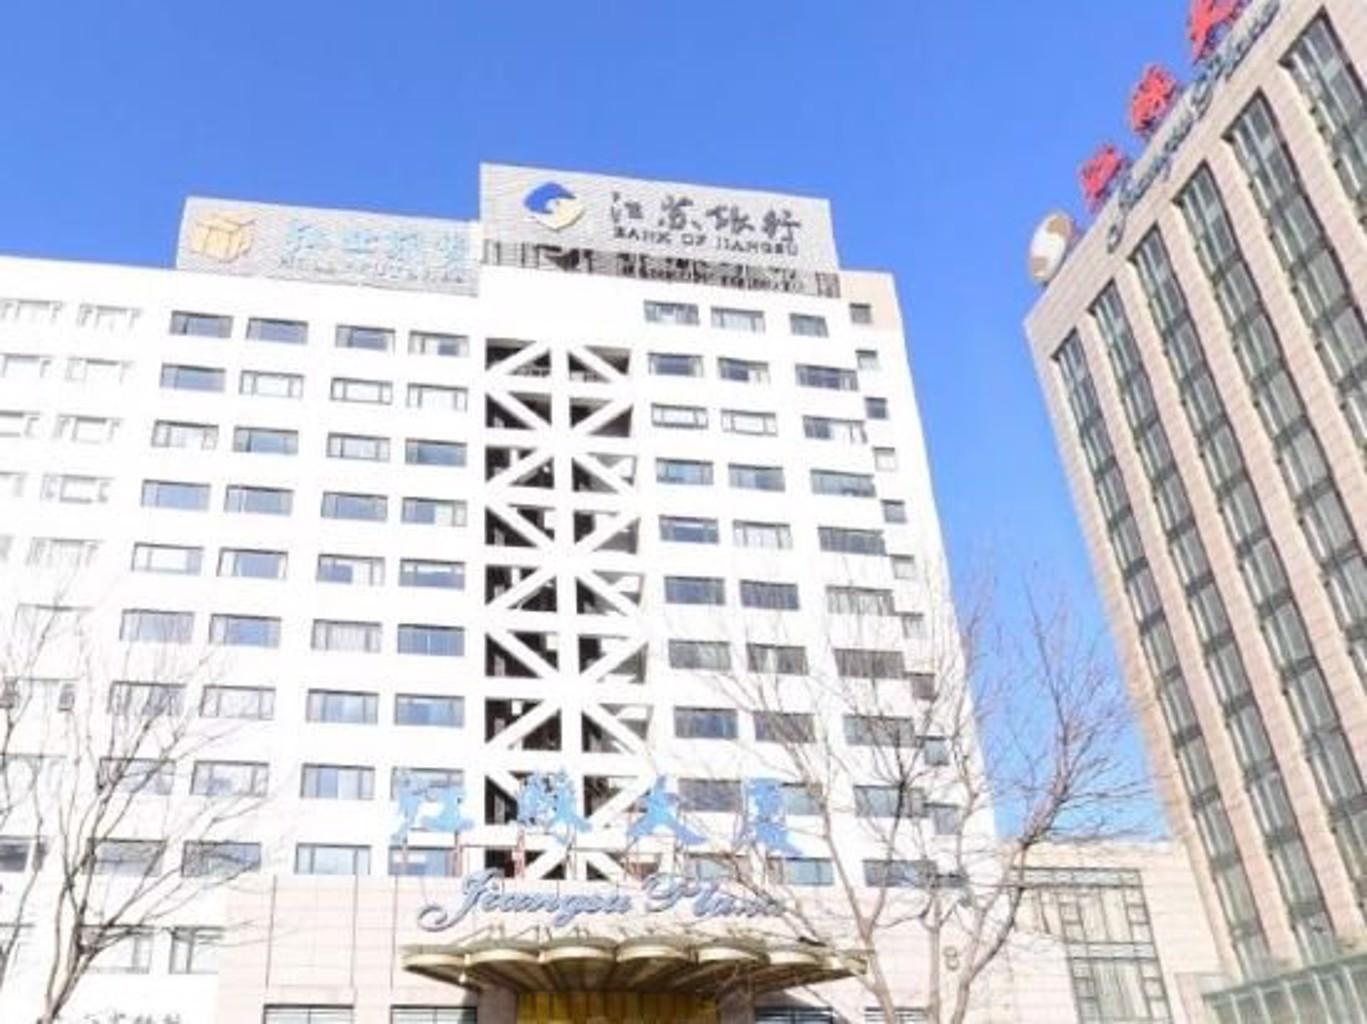 Jiangsu Plaza